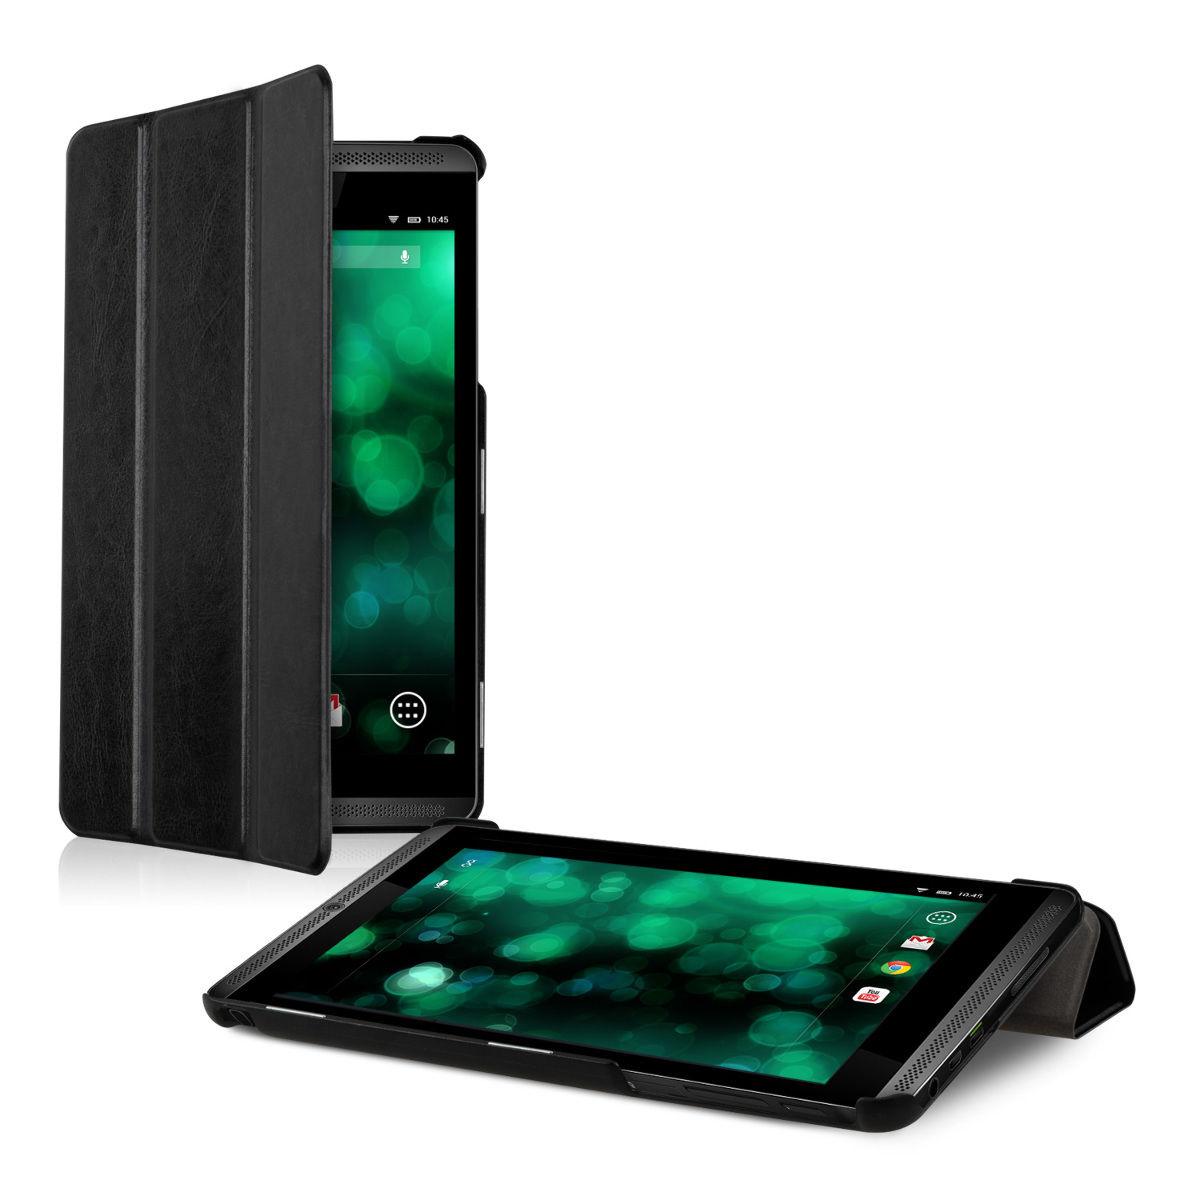 Pouzdro pro NVIDIA SHIELD Tablet K1 černé